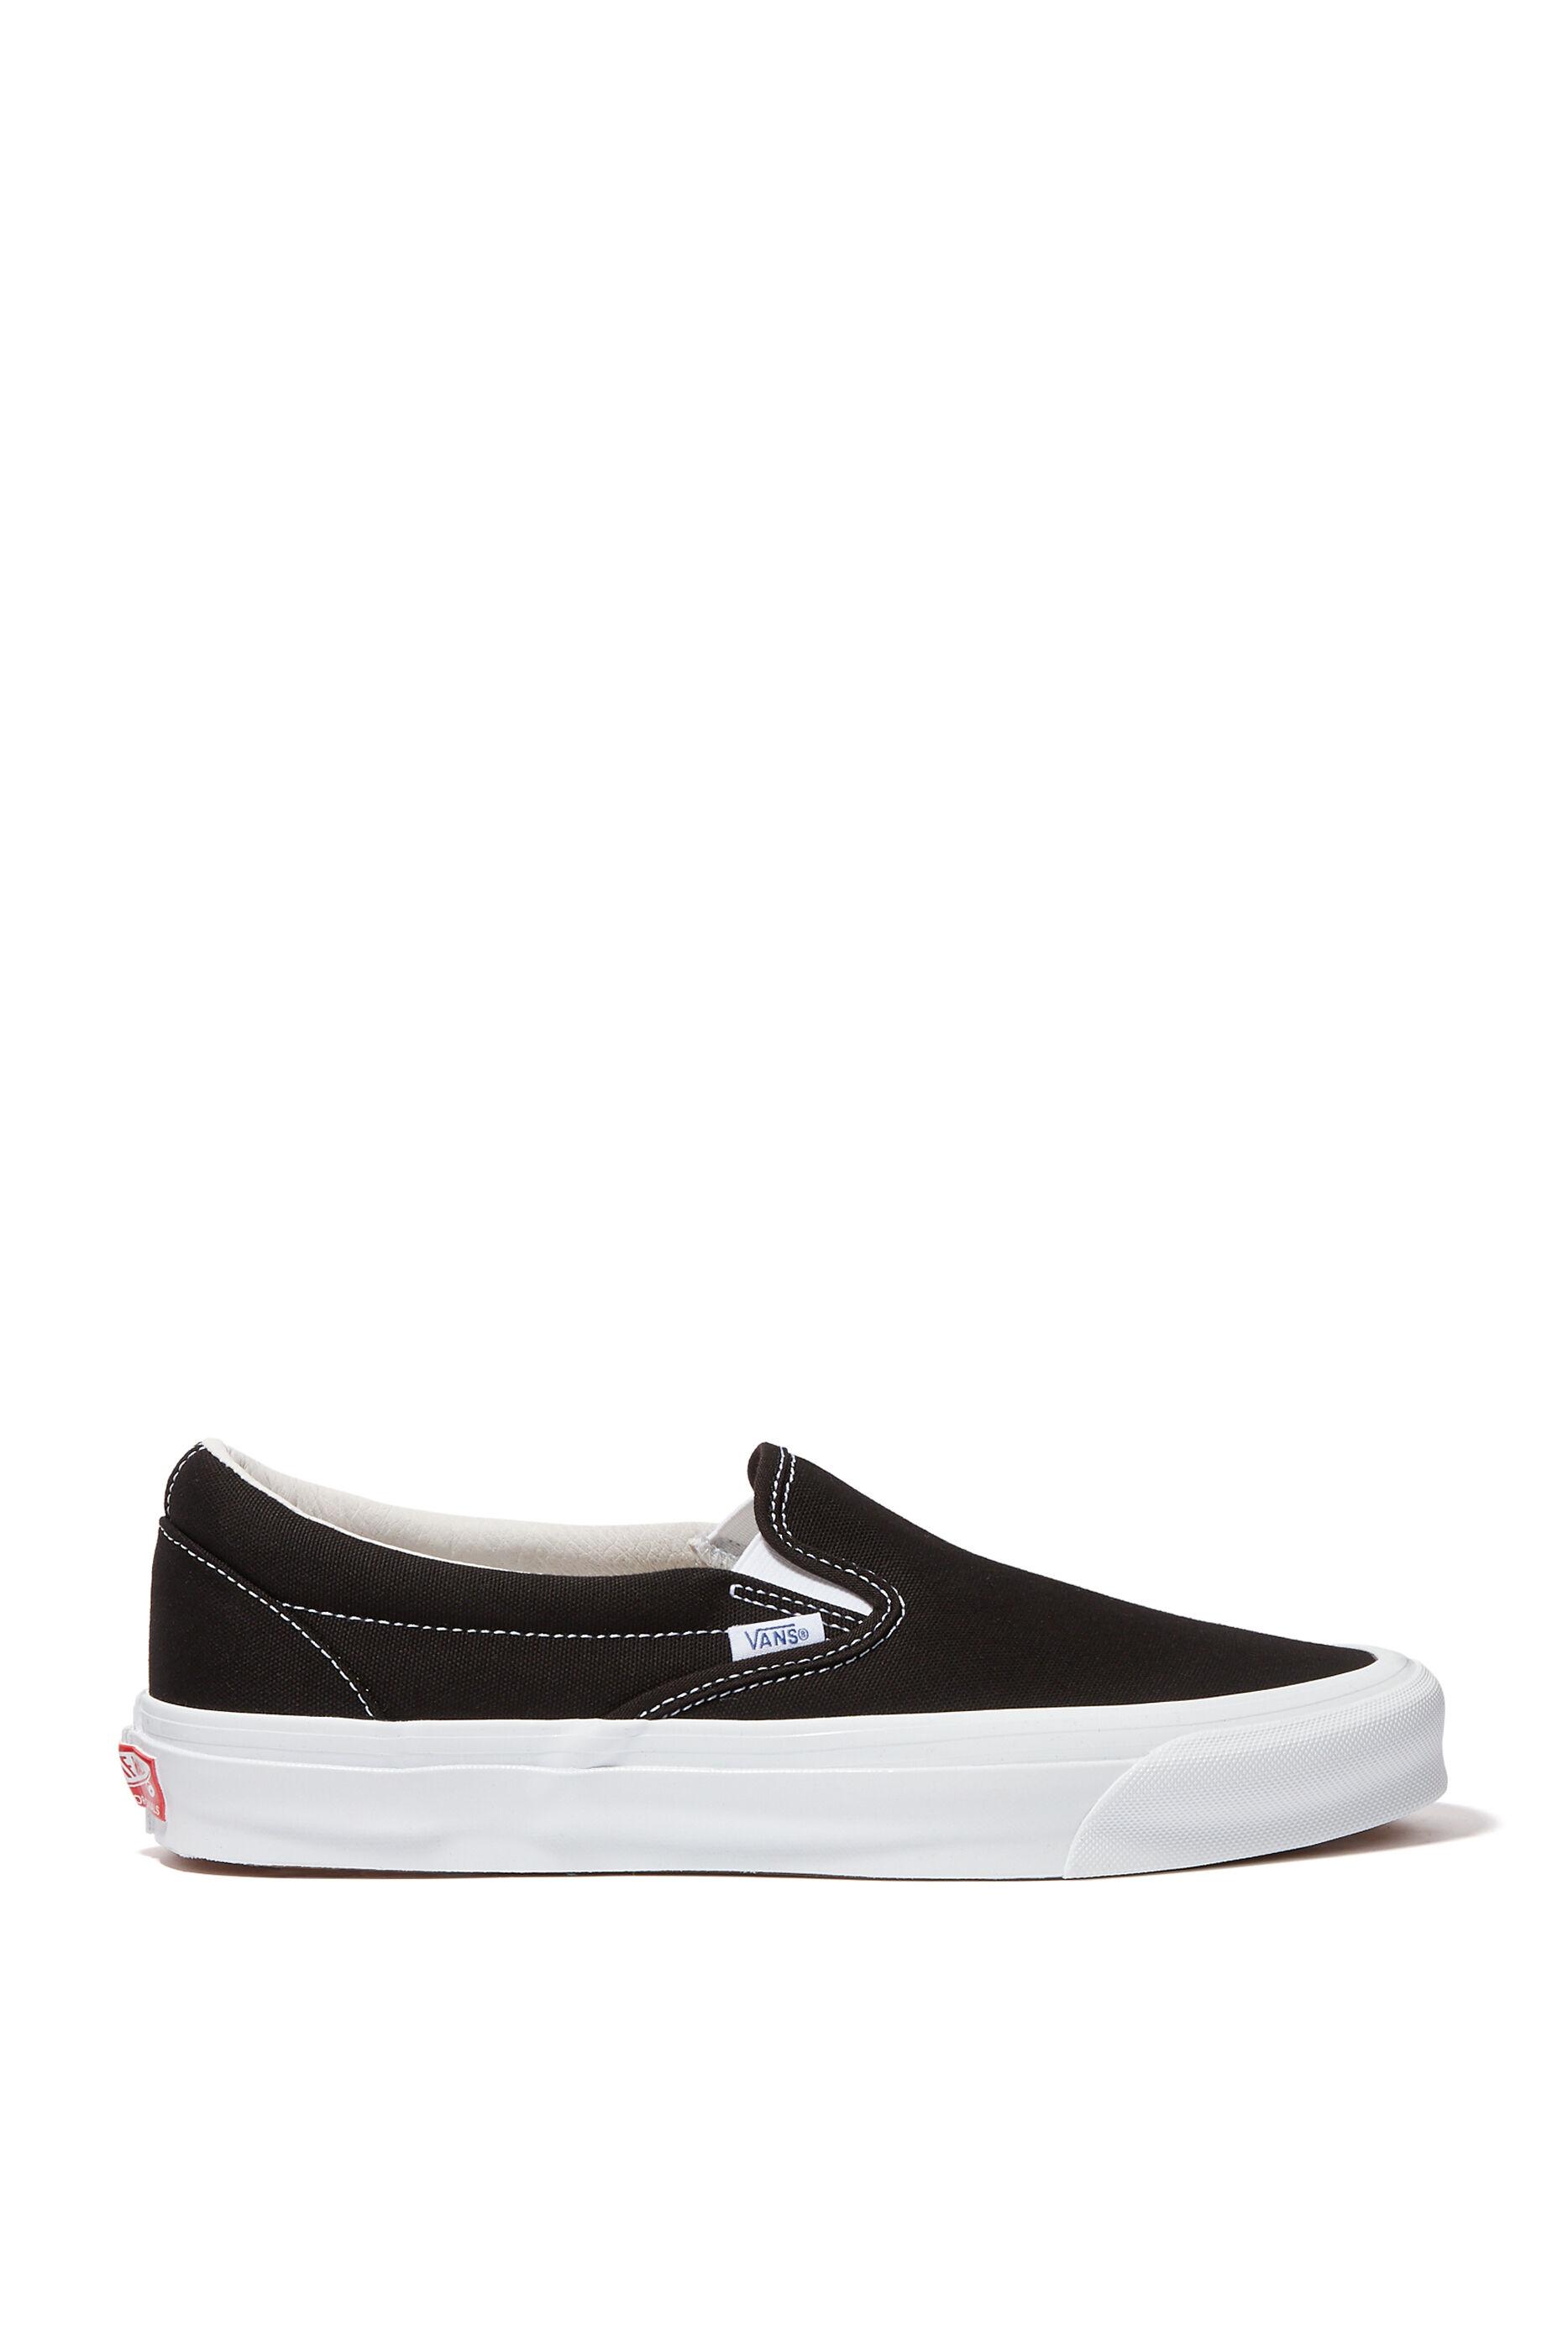 Buy Vans Vault OG Classic Slip-Ons